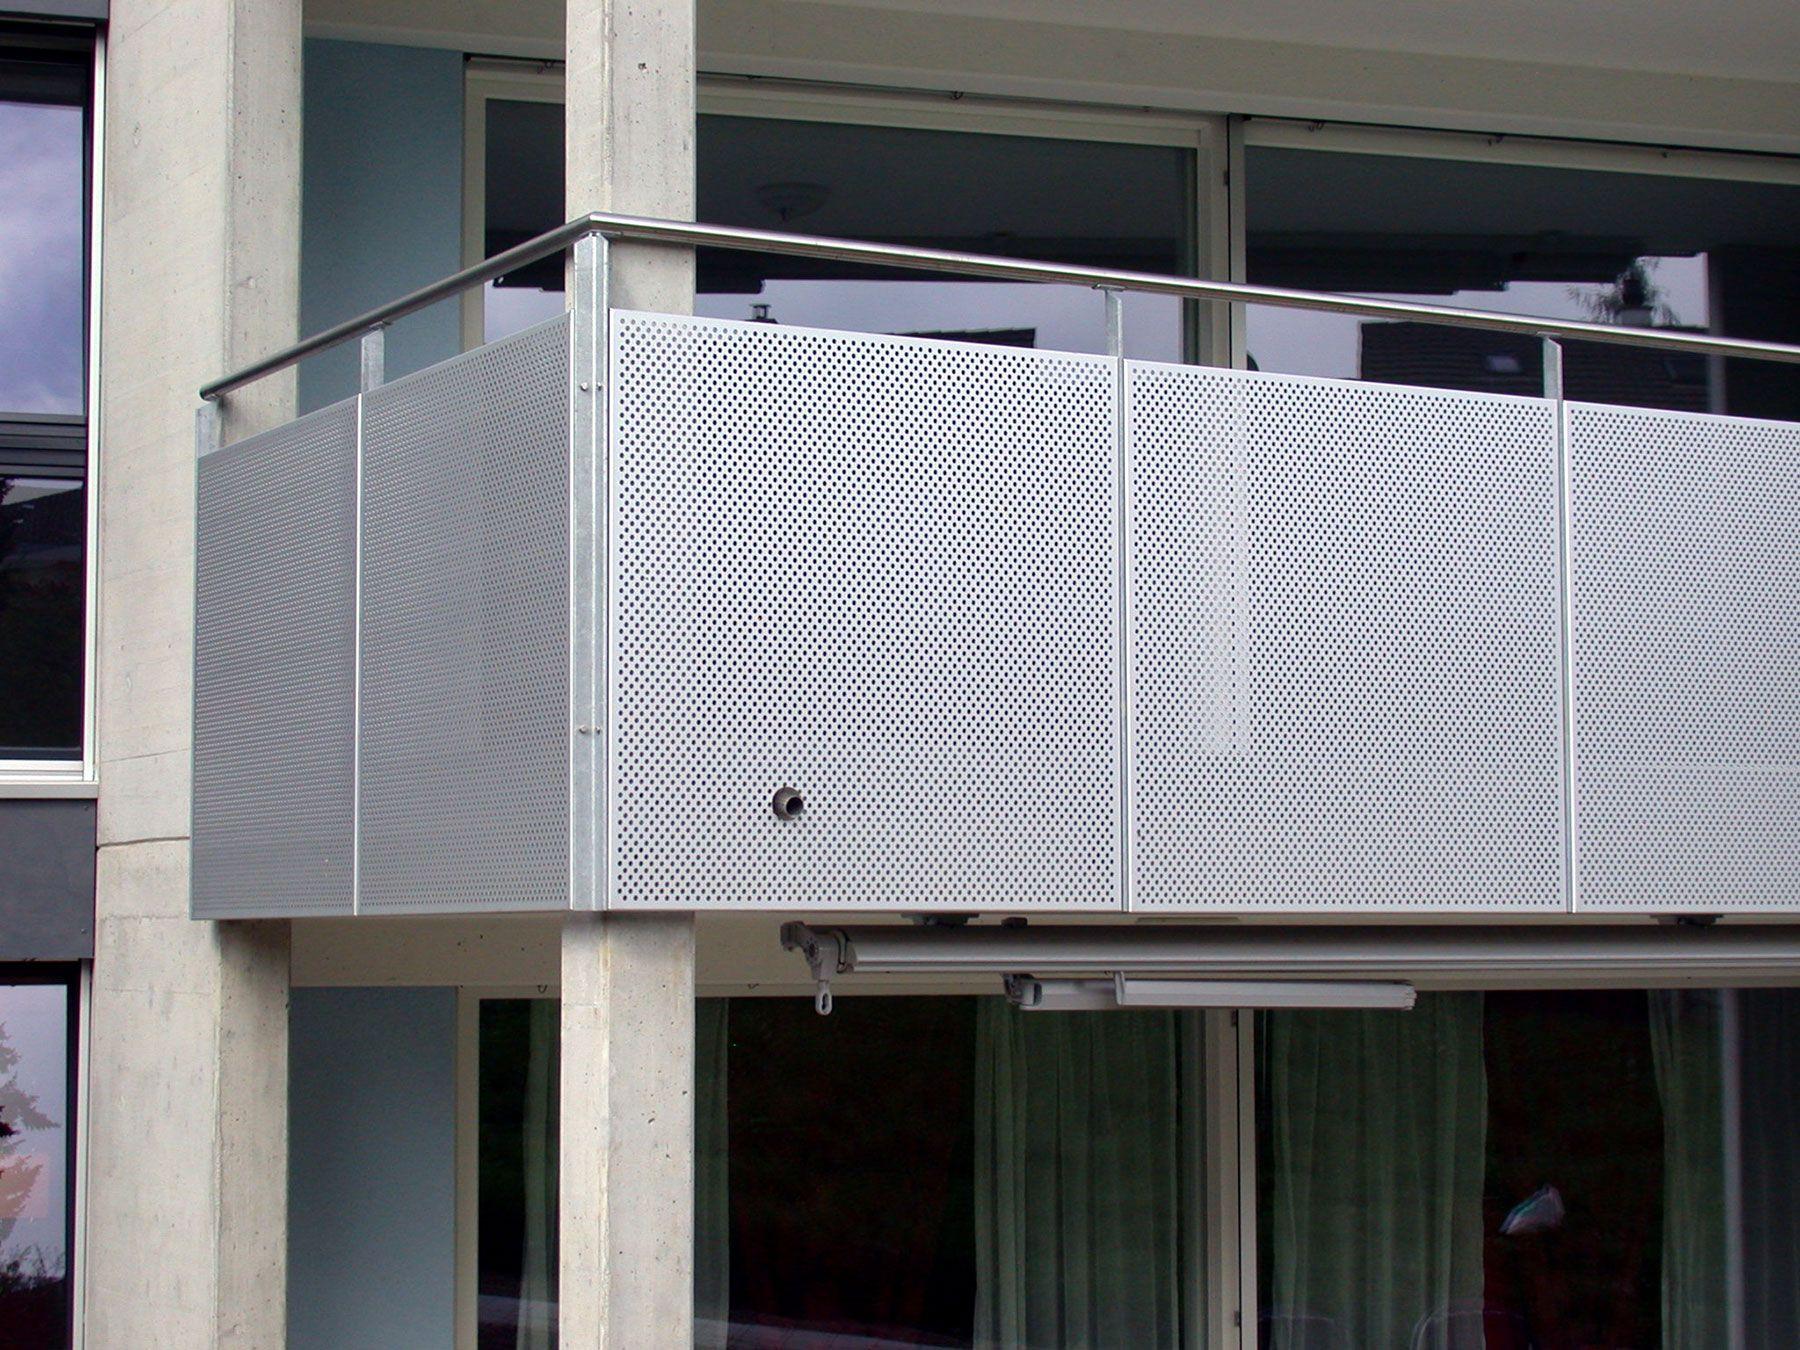 Edelstahl Balkongelander Muster Stahlbau Schlosserei Und Schmiede